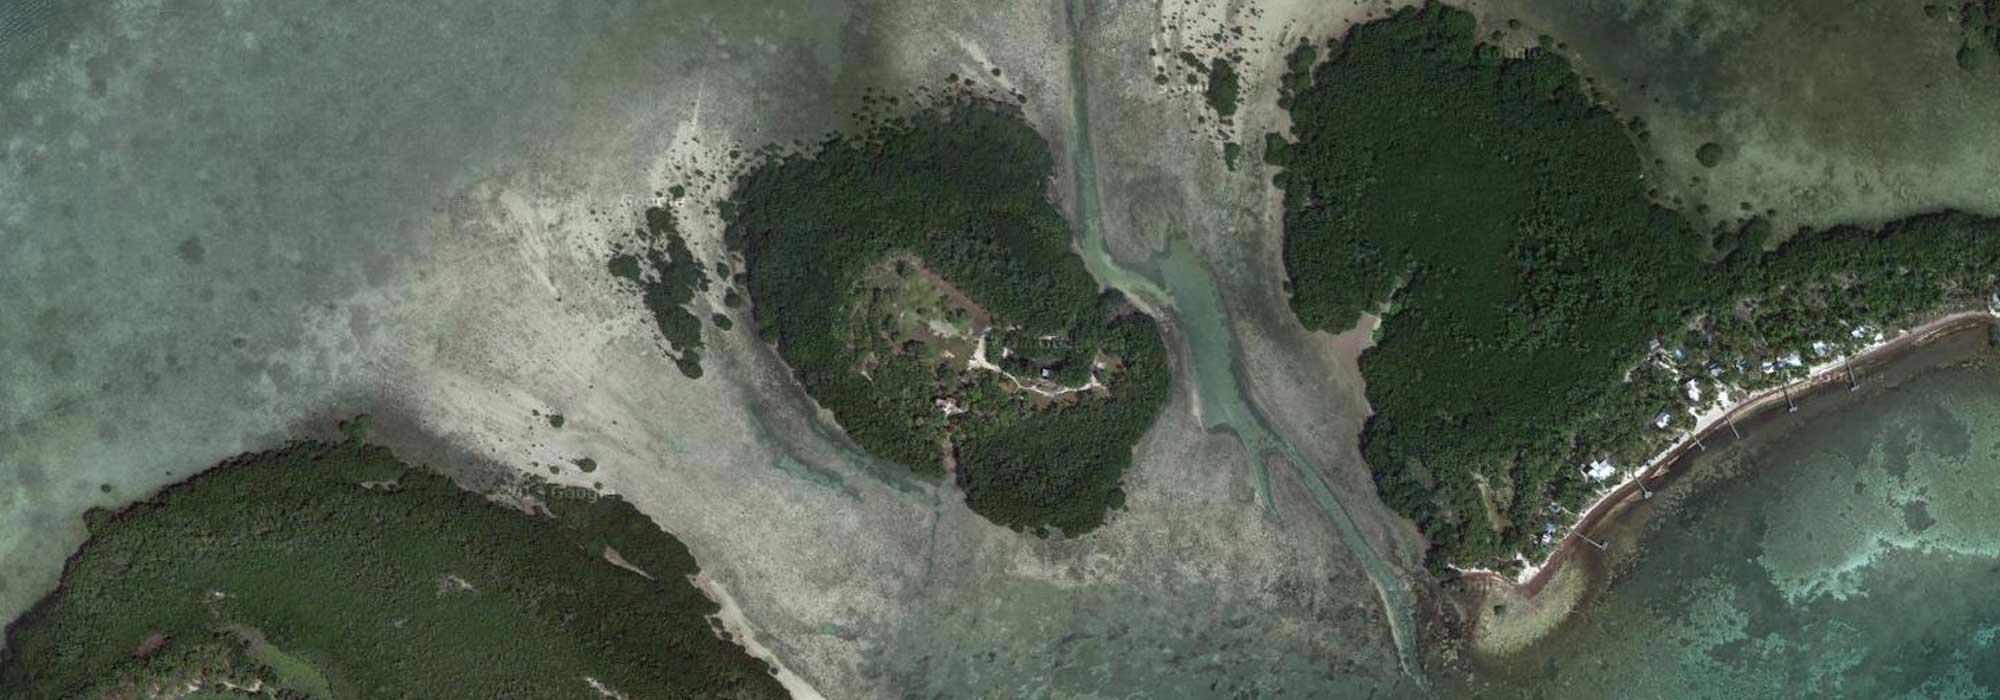 1 Hopkins Island